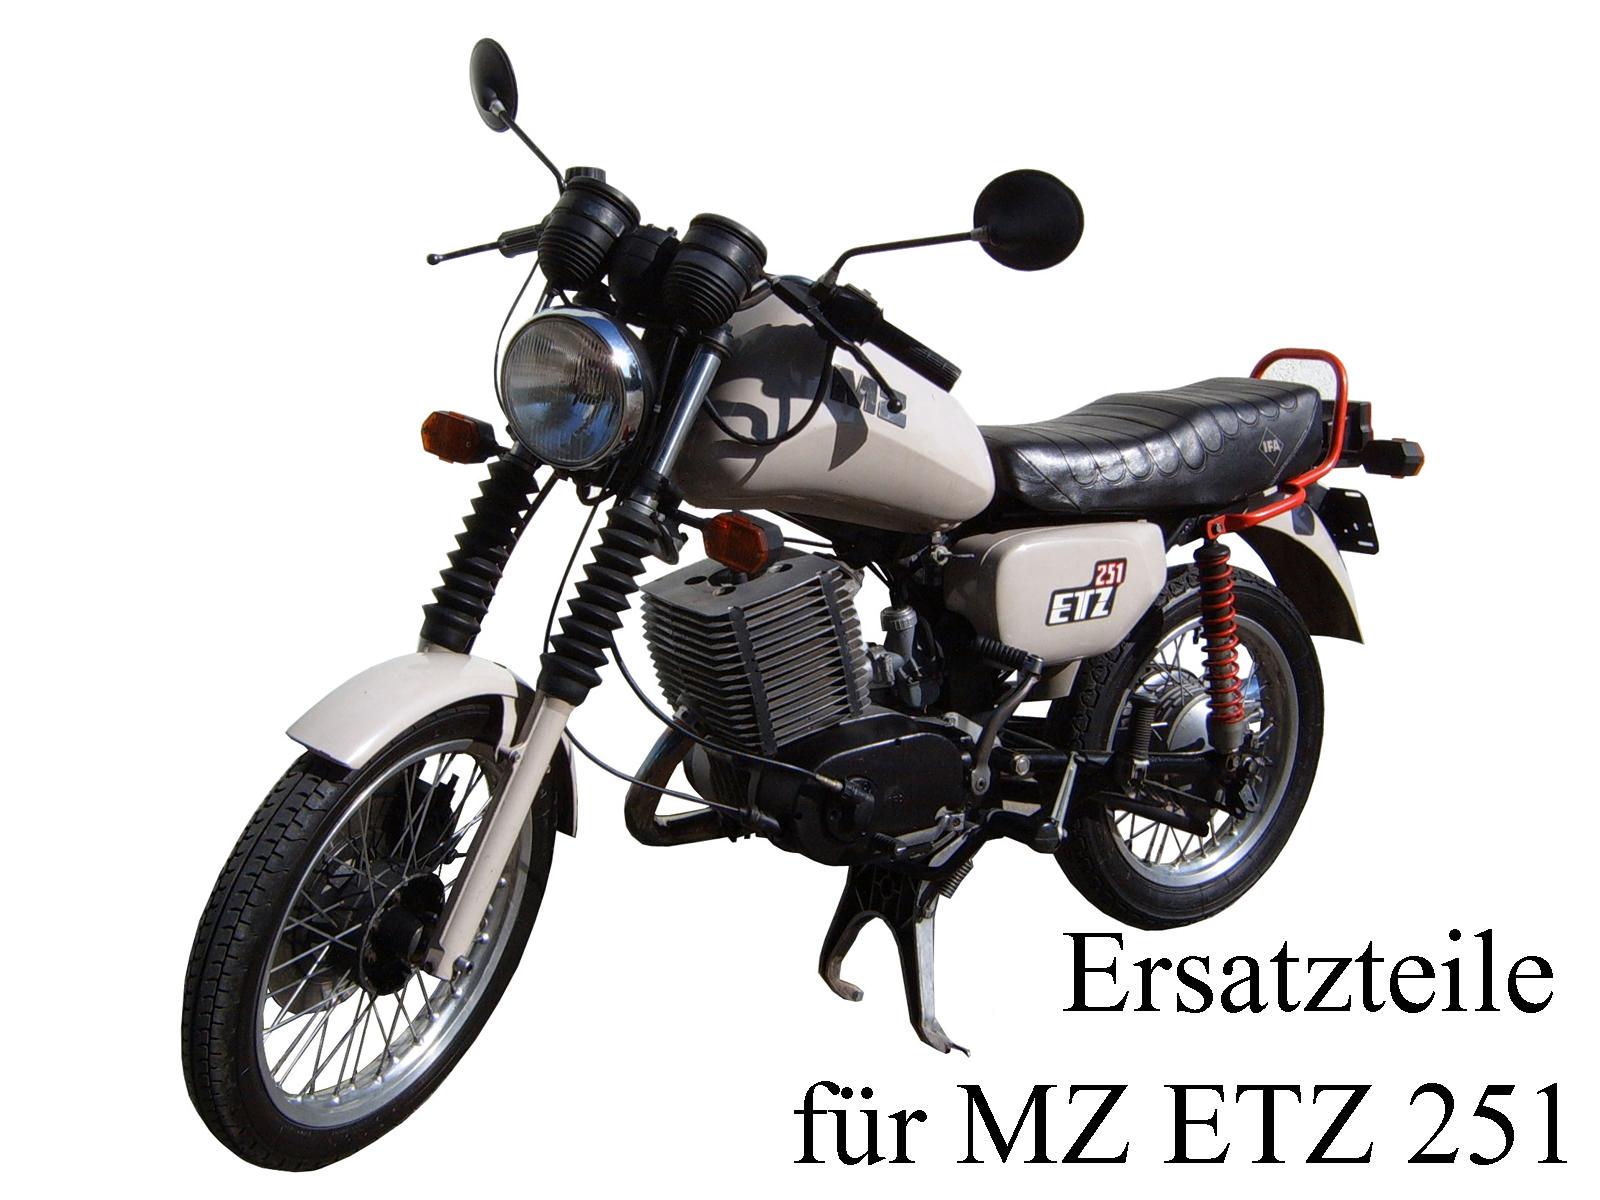 Ersatzteile kaufen für das DDR-Motorrad MZ ETZ 251